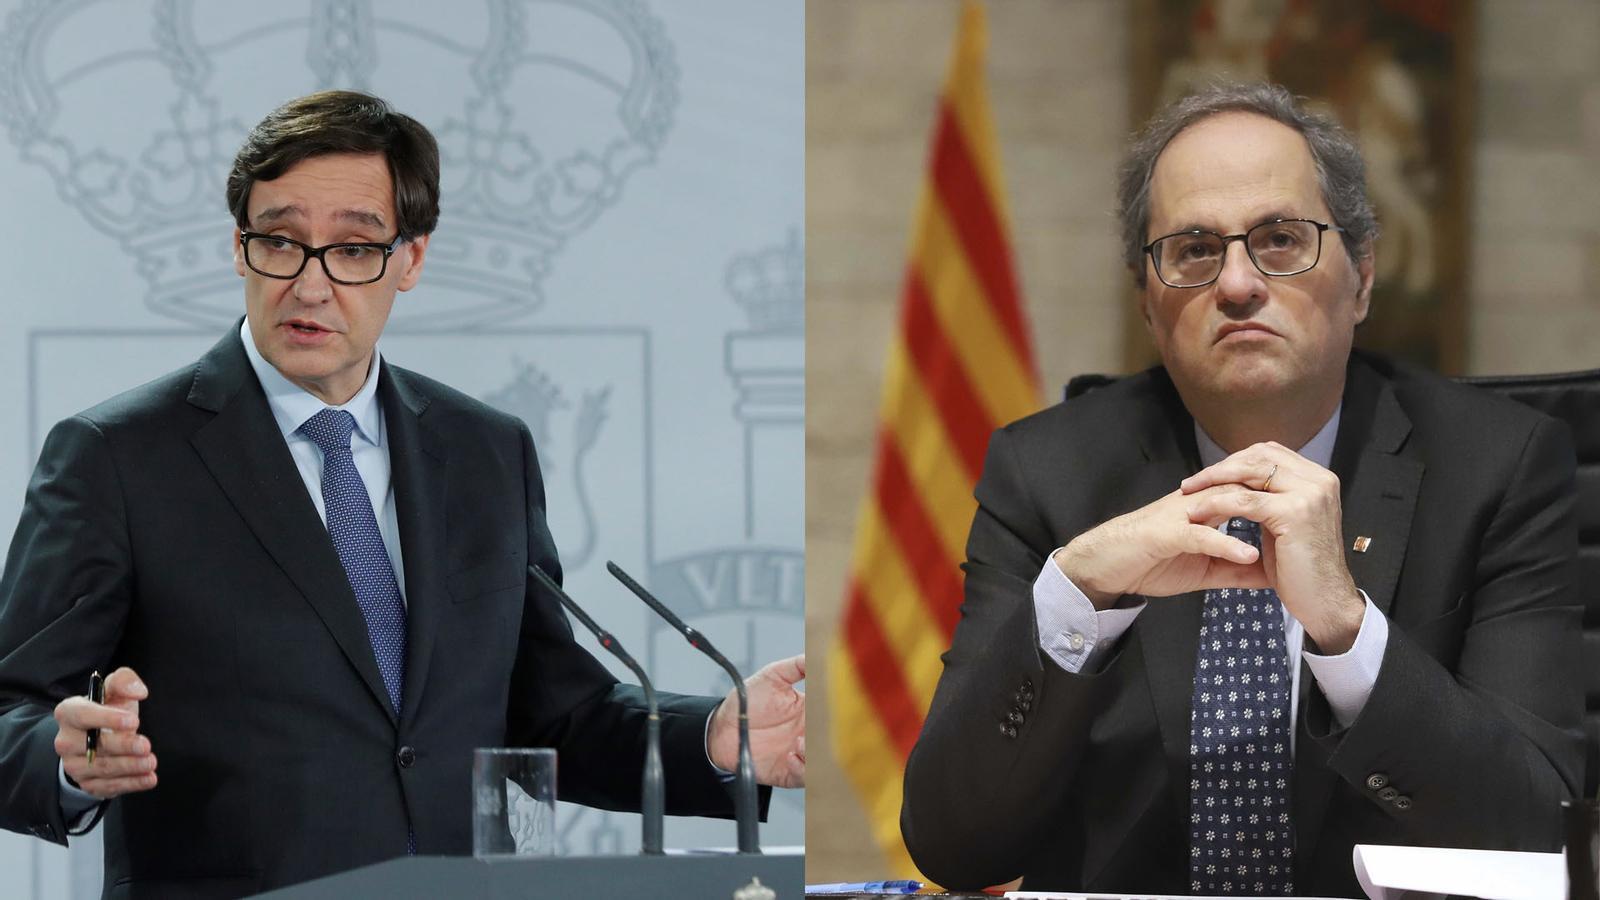 El ministeri decidirà dimecres si Barcelona i Lleida passen dijous a la fase 3 i els ERTO s'allargaran fins al 30 de setembre: les claus del vespre amb Antoni Bassas (15/06/2020)